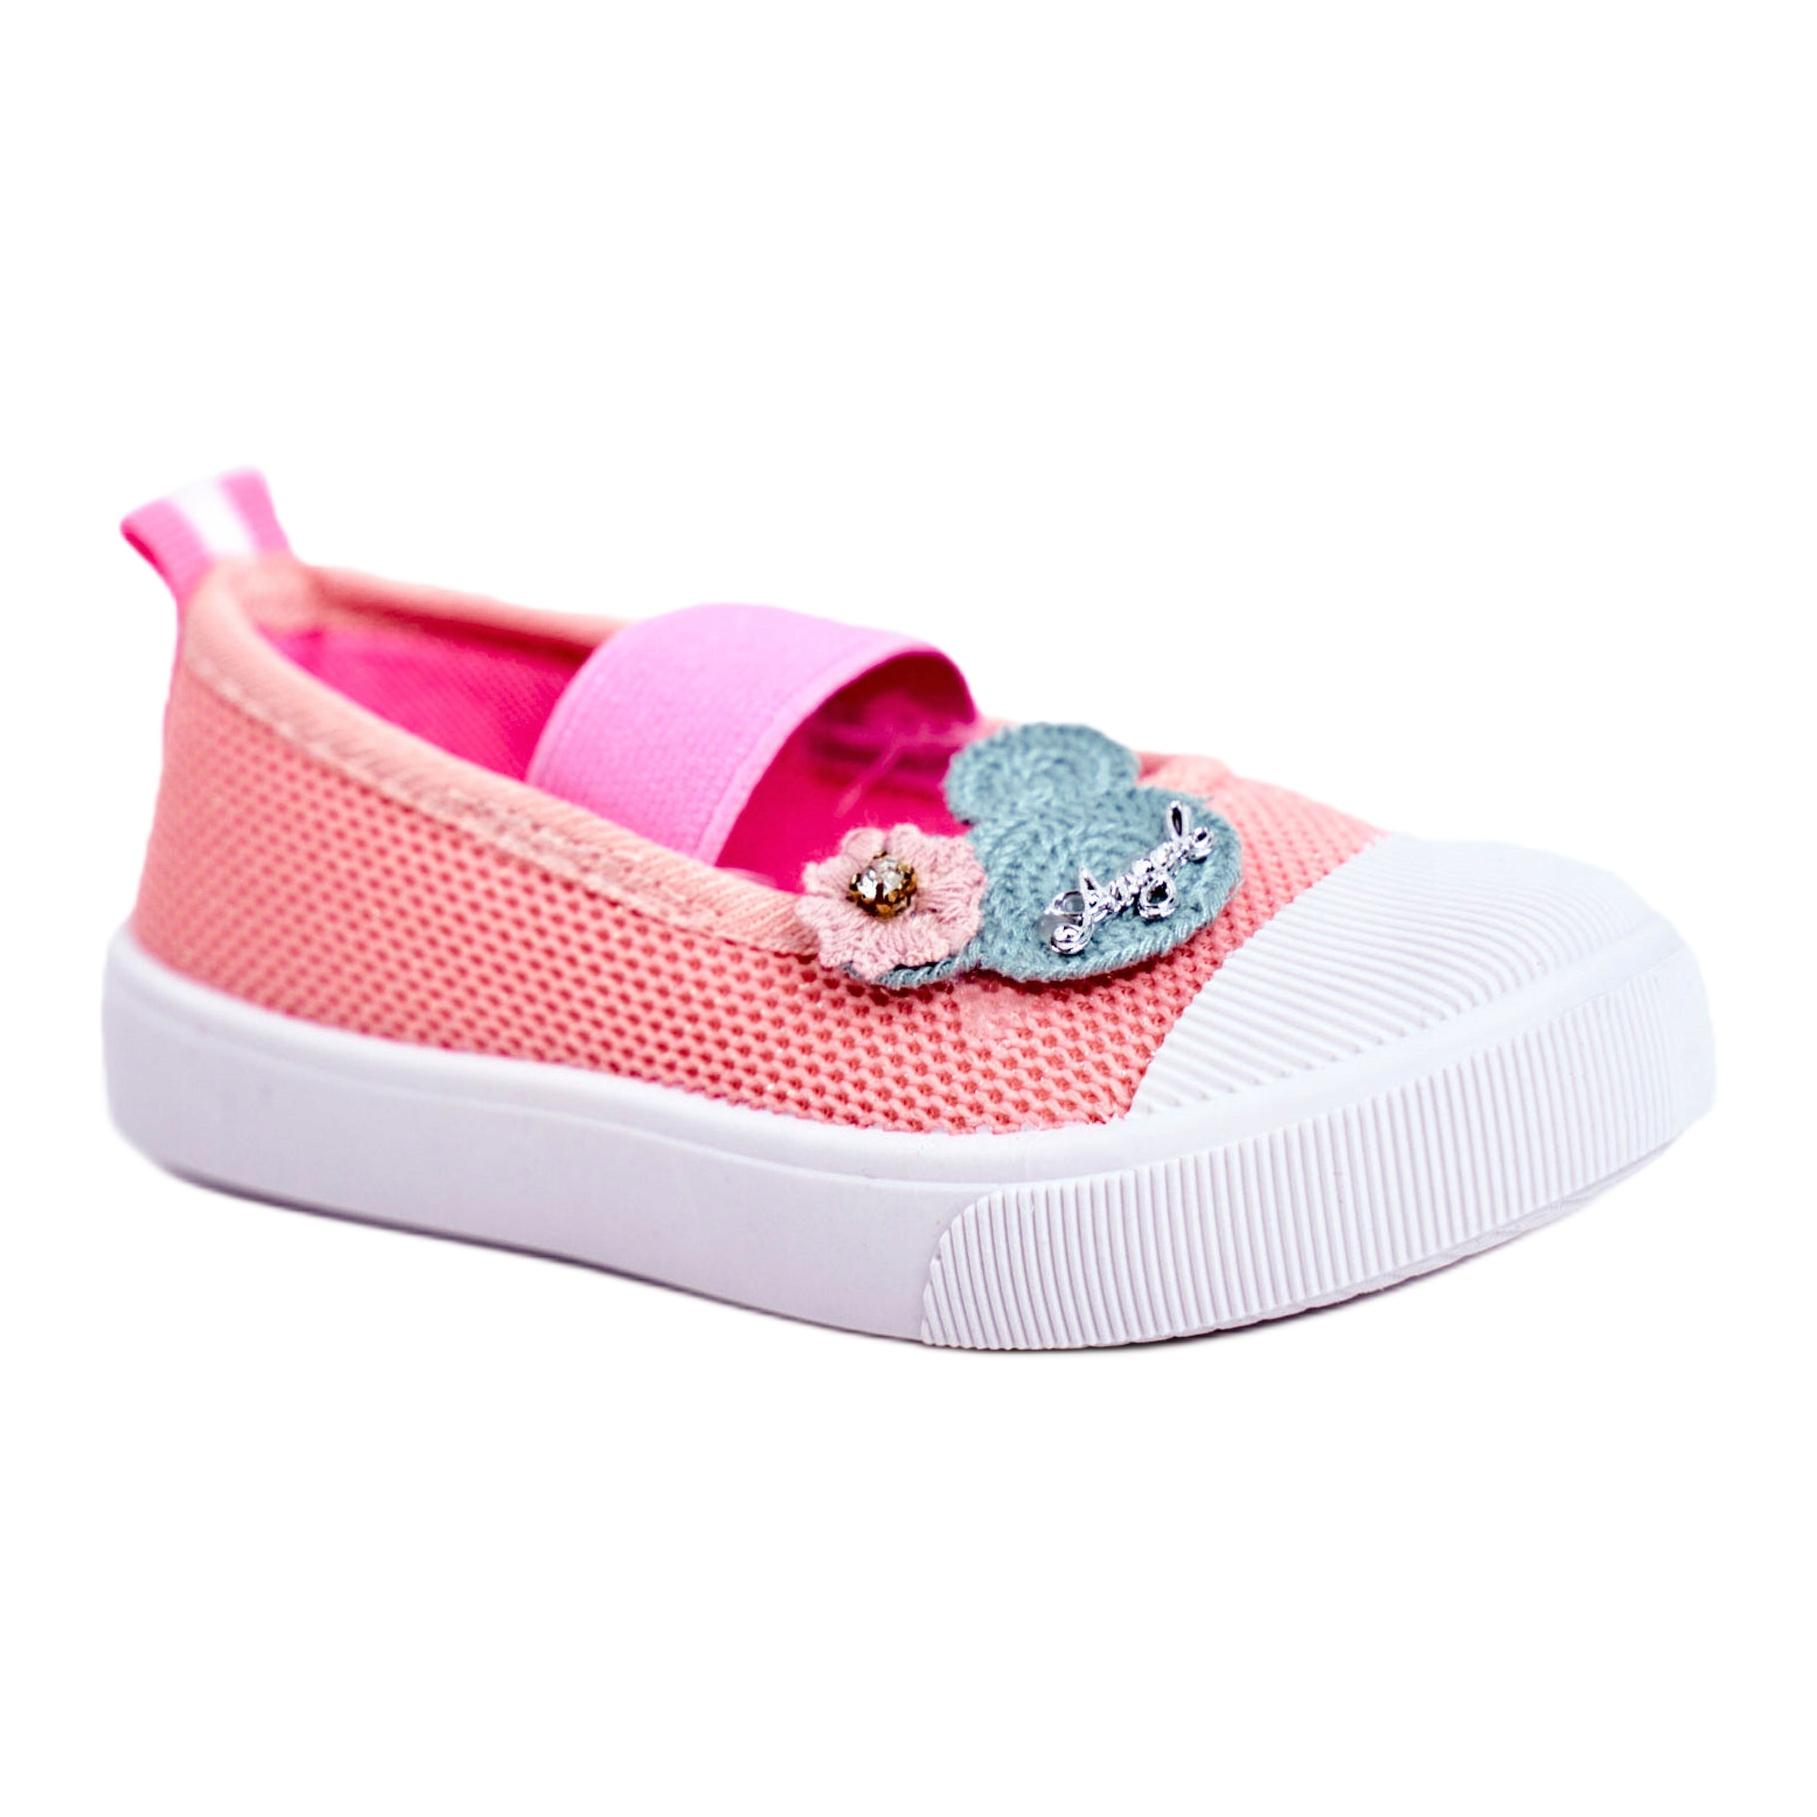 Le Scarpe Sneakers per bambini Estienne con chiusura strappo multicolore rosa